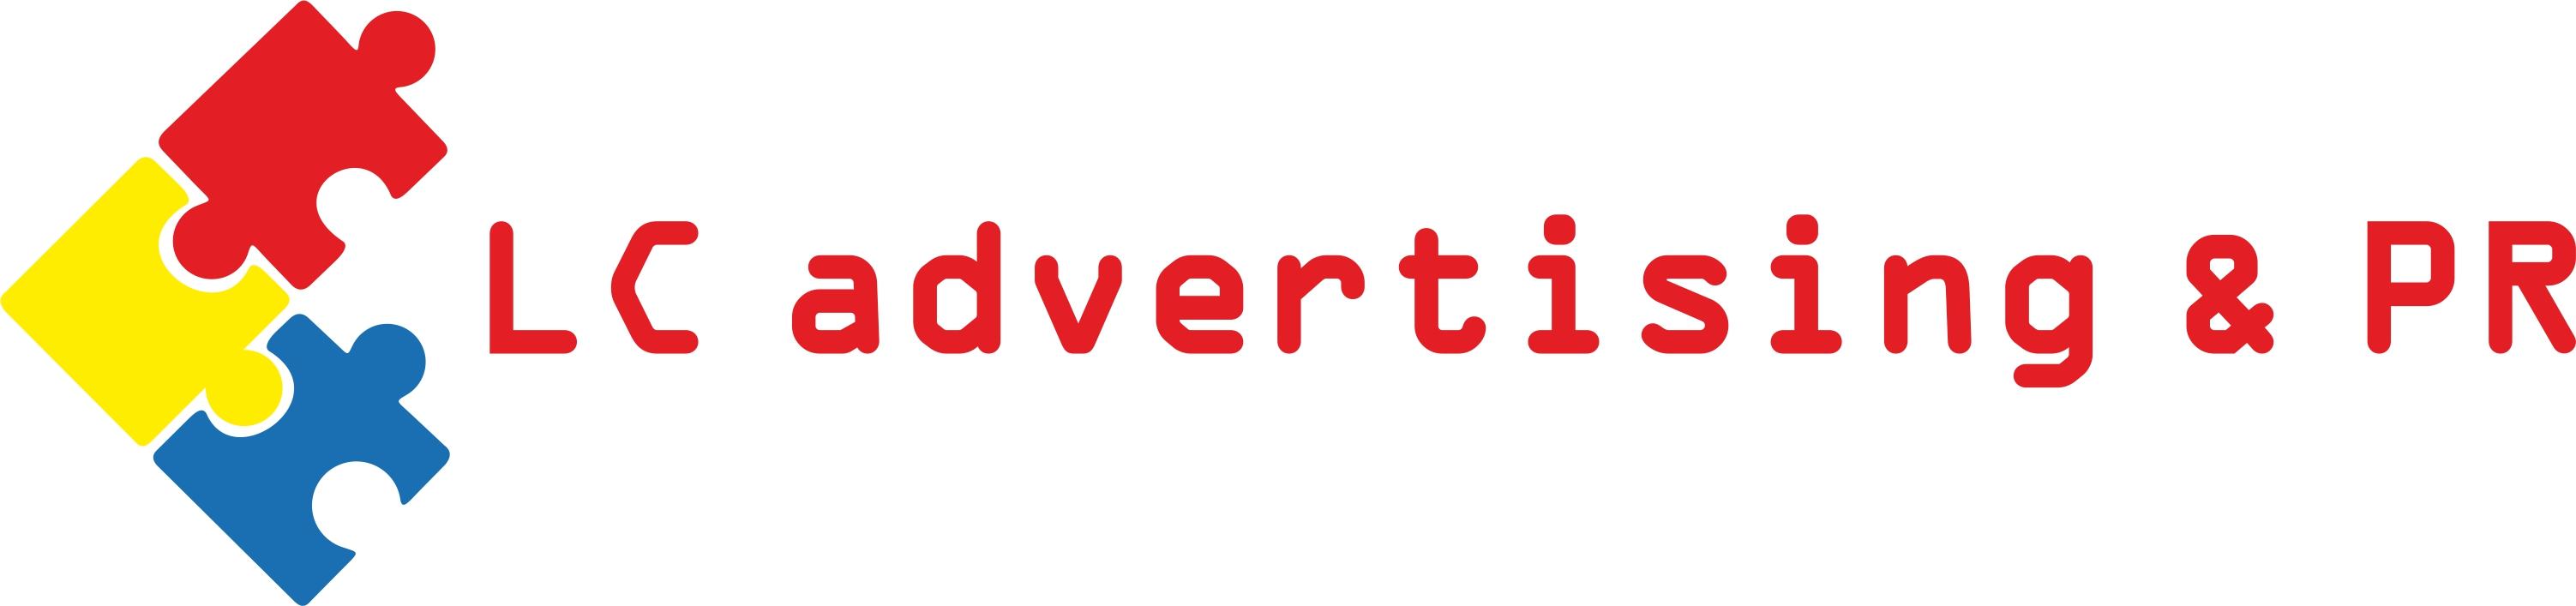 agnetie de publicitate